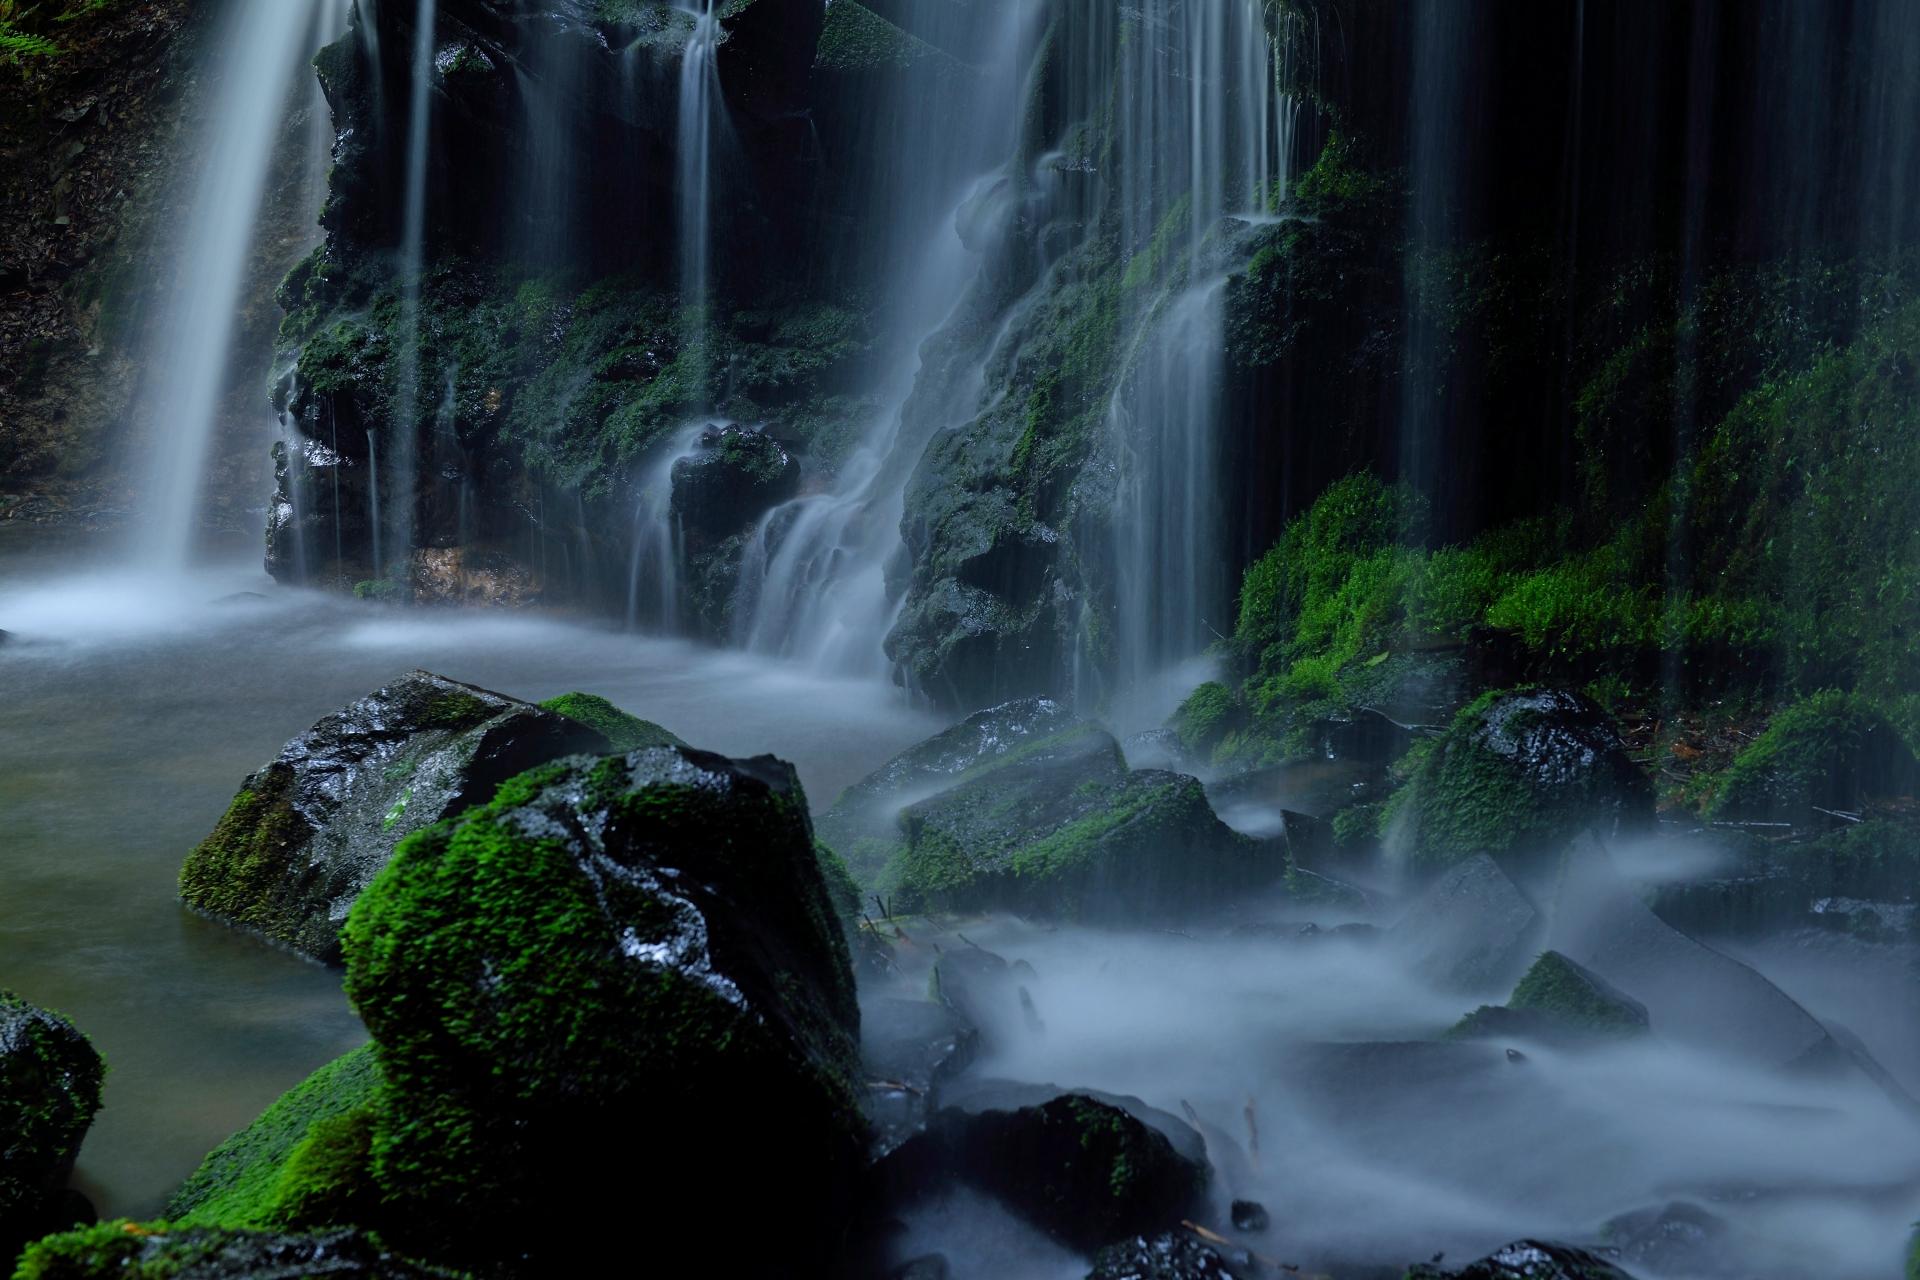 4099056_m 兵庫県 猿壺の滝(新緑の時期におすすめの秘境滝スポット!写真の紹介、アクセス情報など)